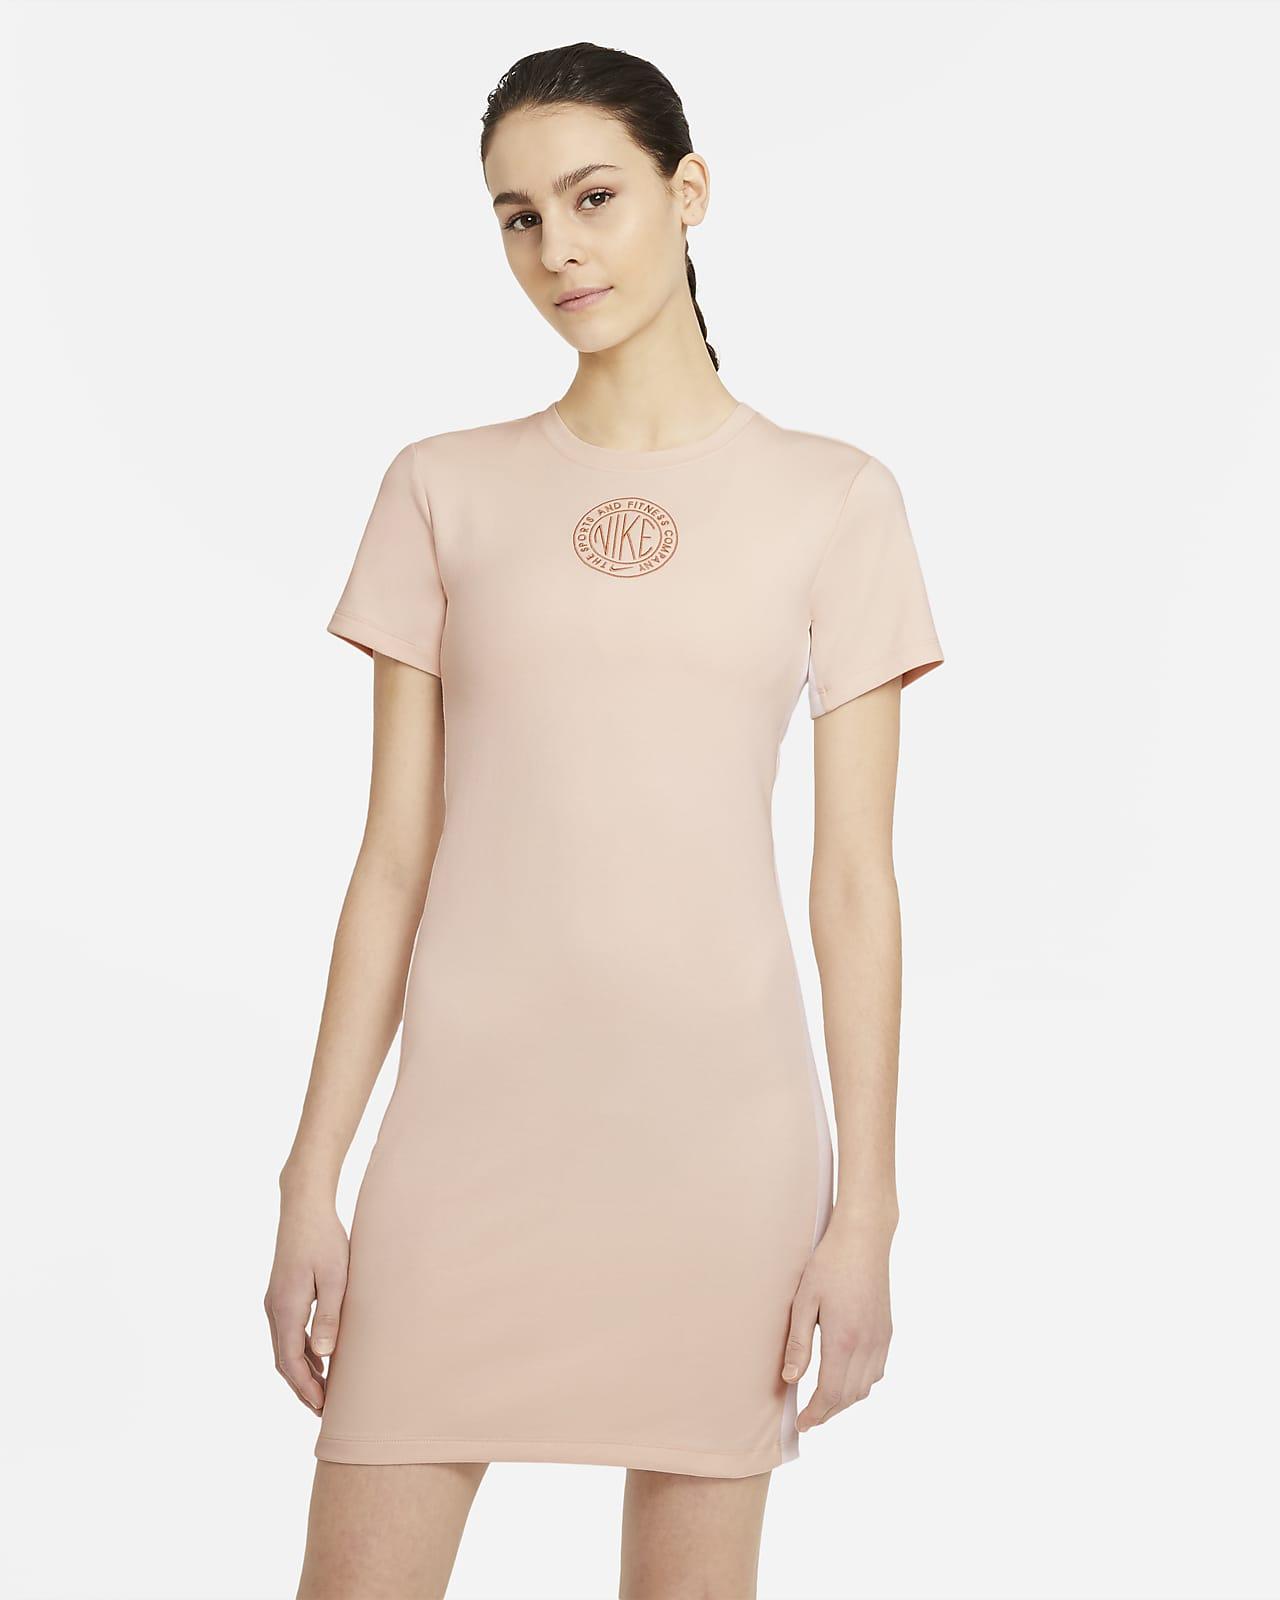 Kortärmad klänning Nike Sportswear Femme för kvinnor